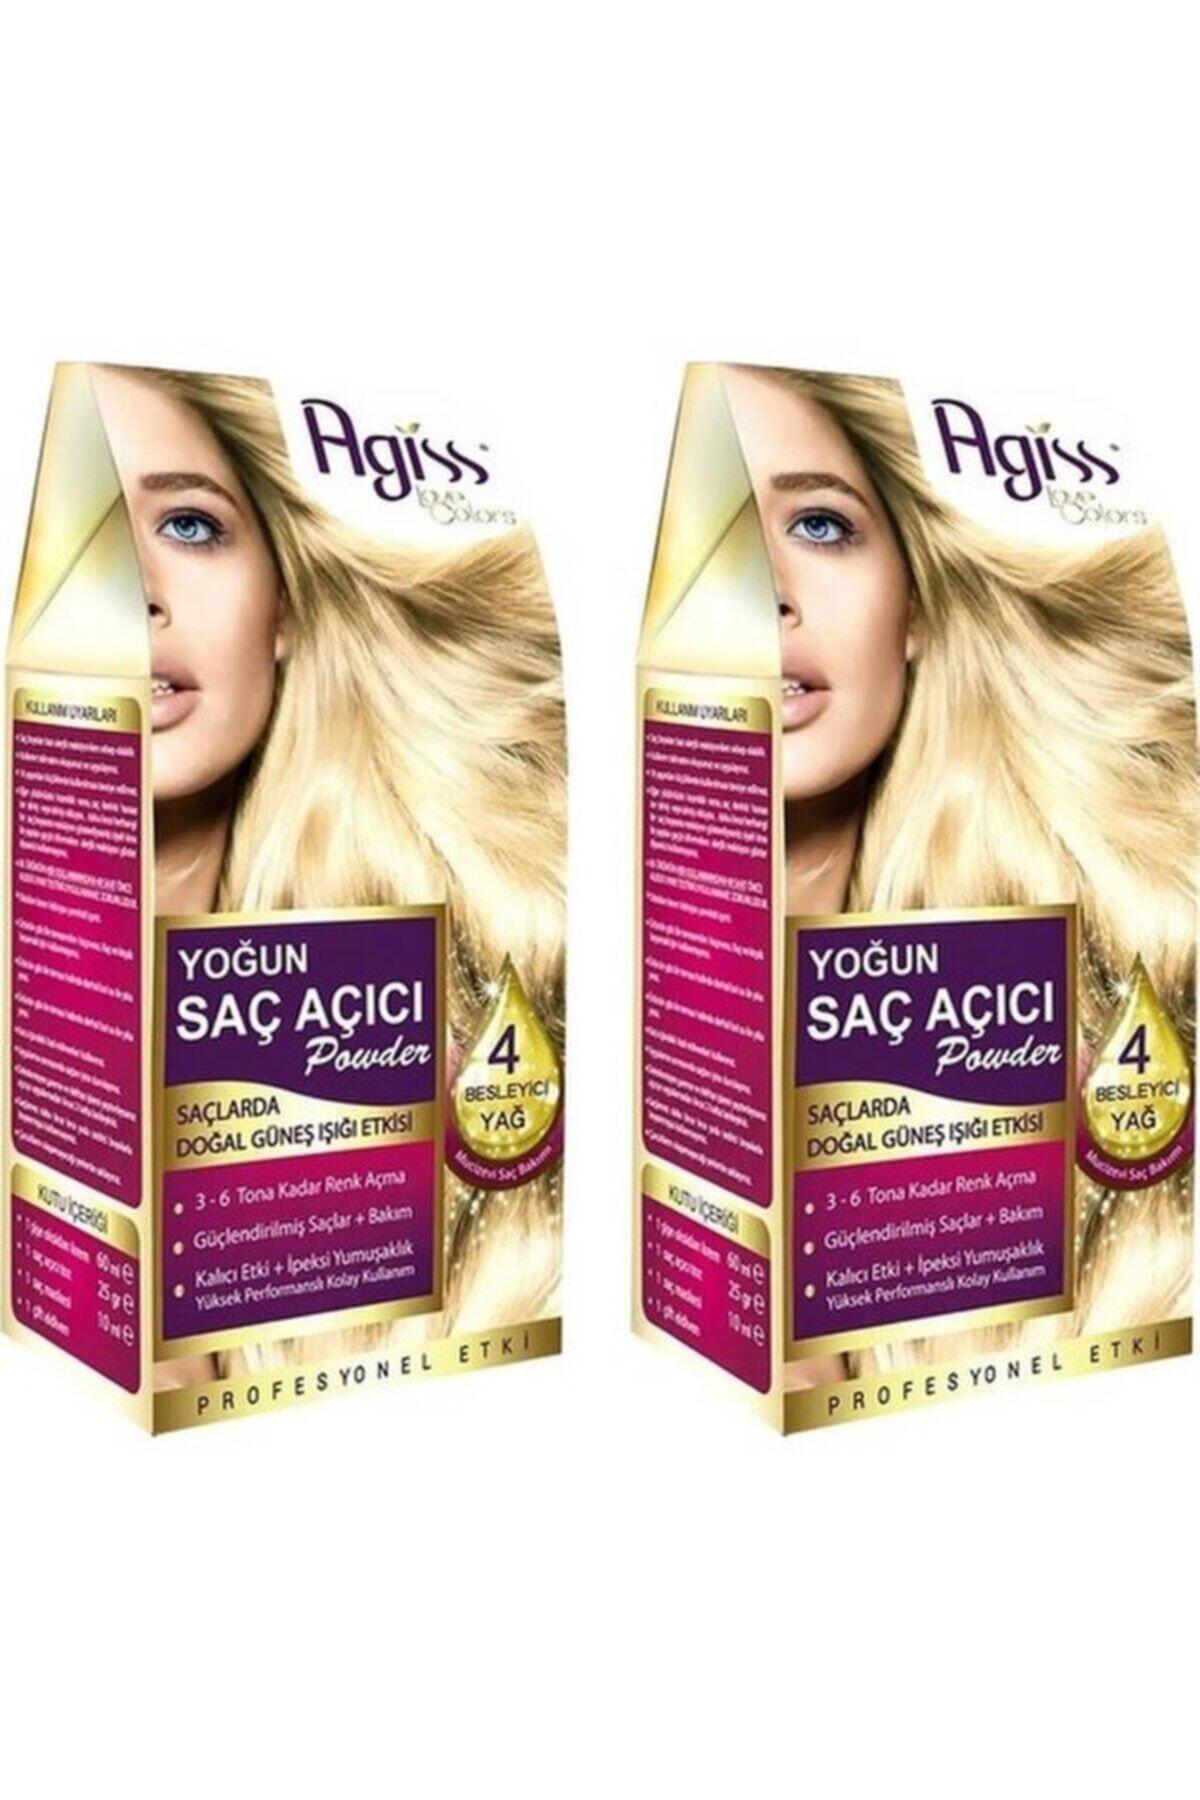 AGISS 2 Paket Yoğun Saç Açıcı Powder Besleyici Etkili + Bakım Onarım 1